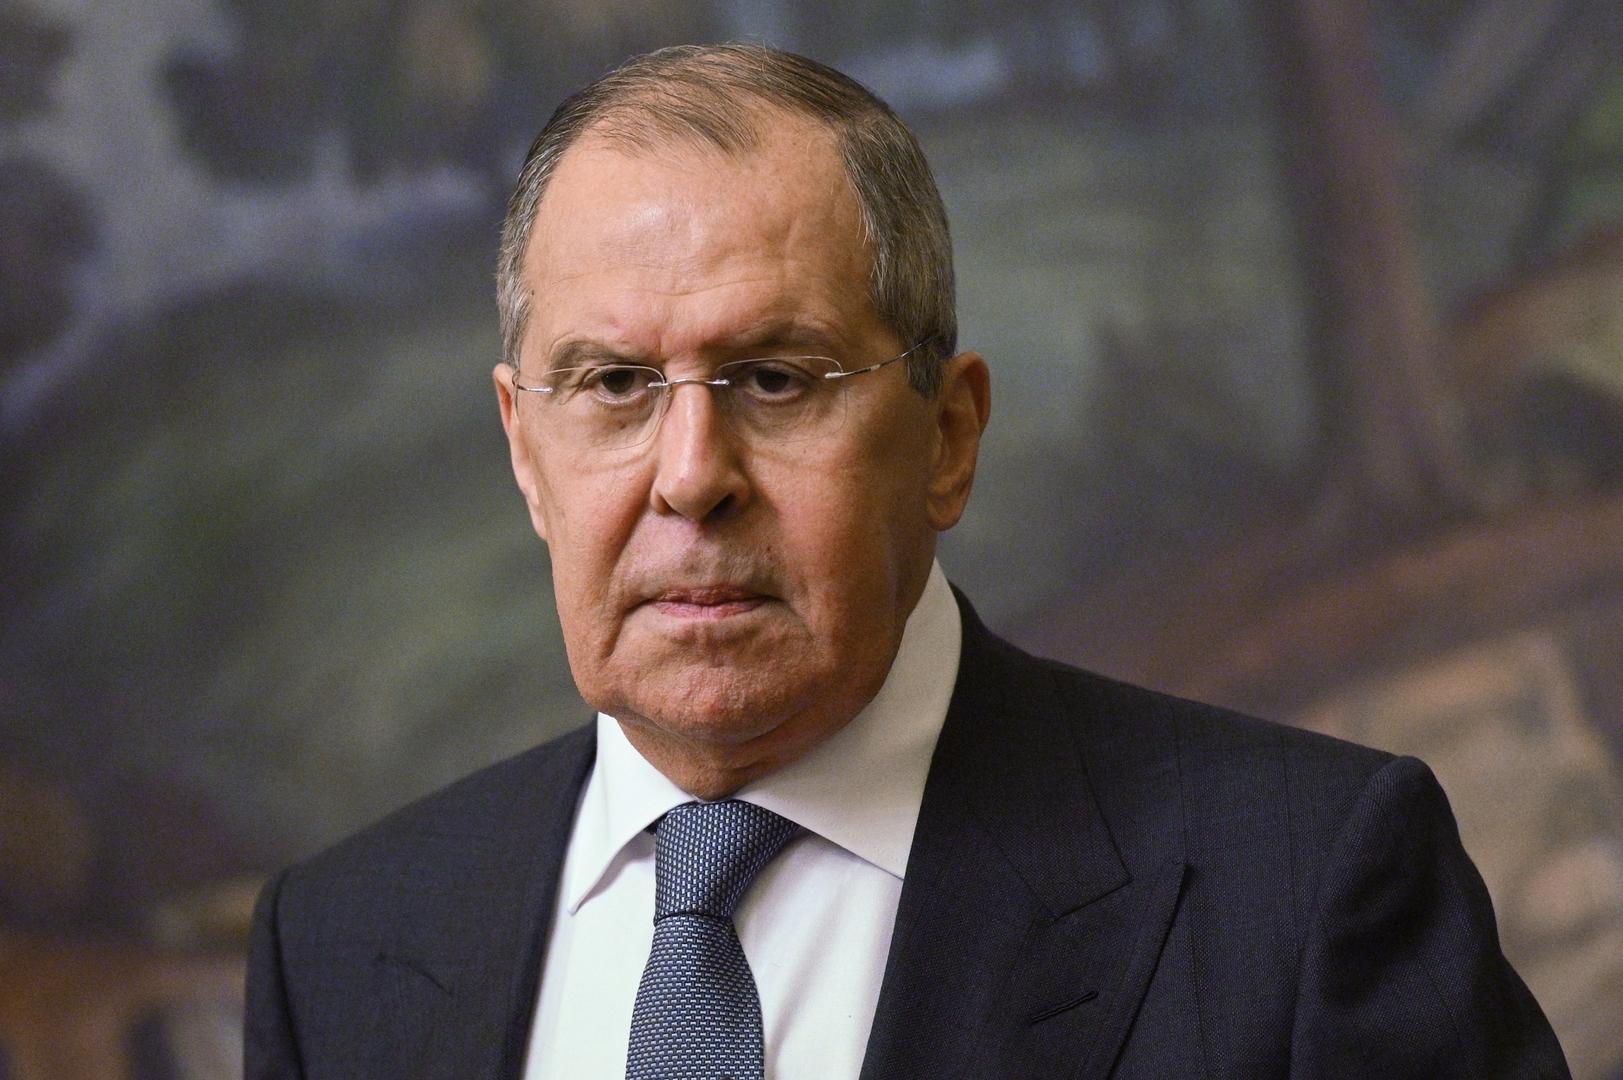 لافروف يحذر واشنطن من الحديث مع روسيا من موقع القوة